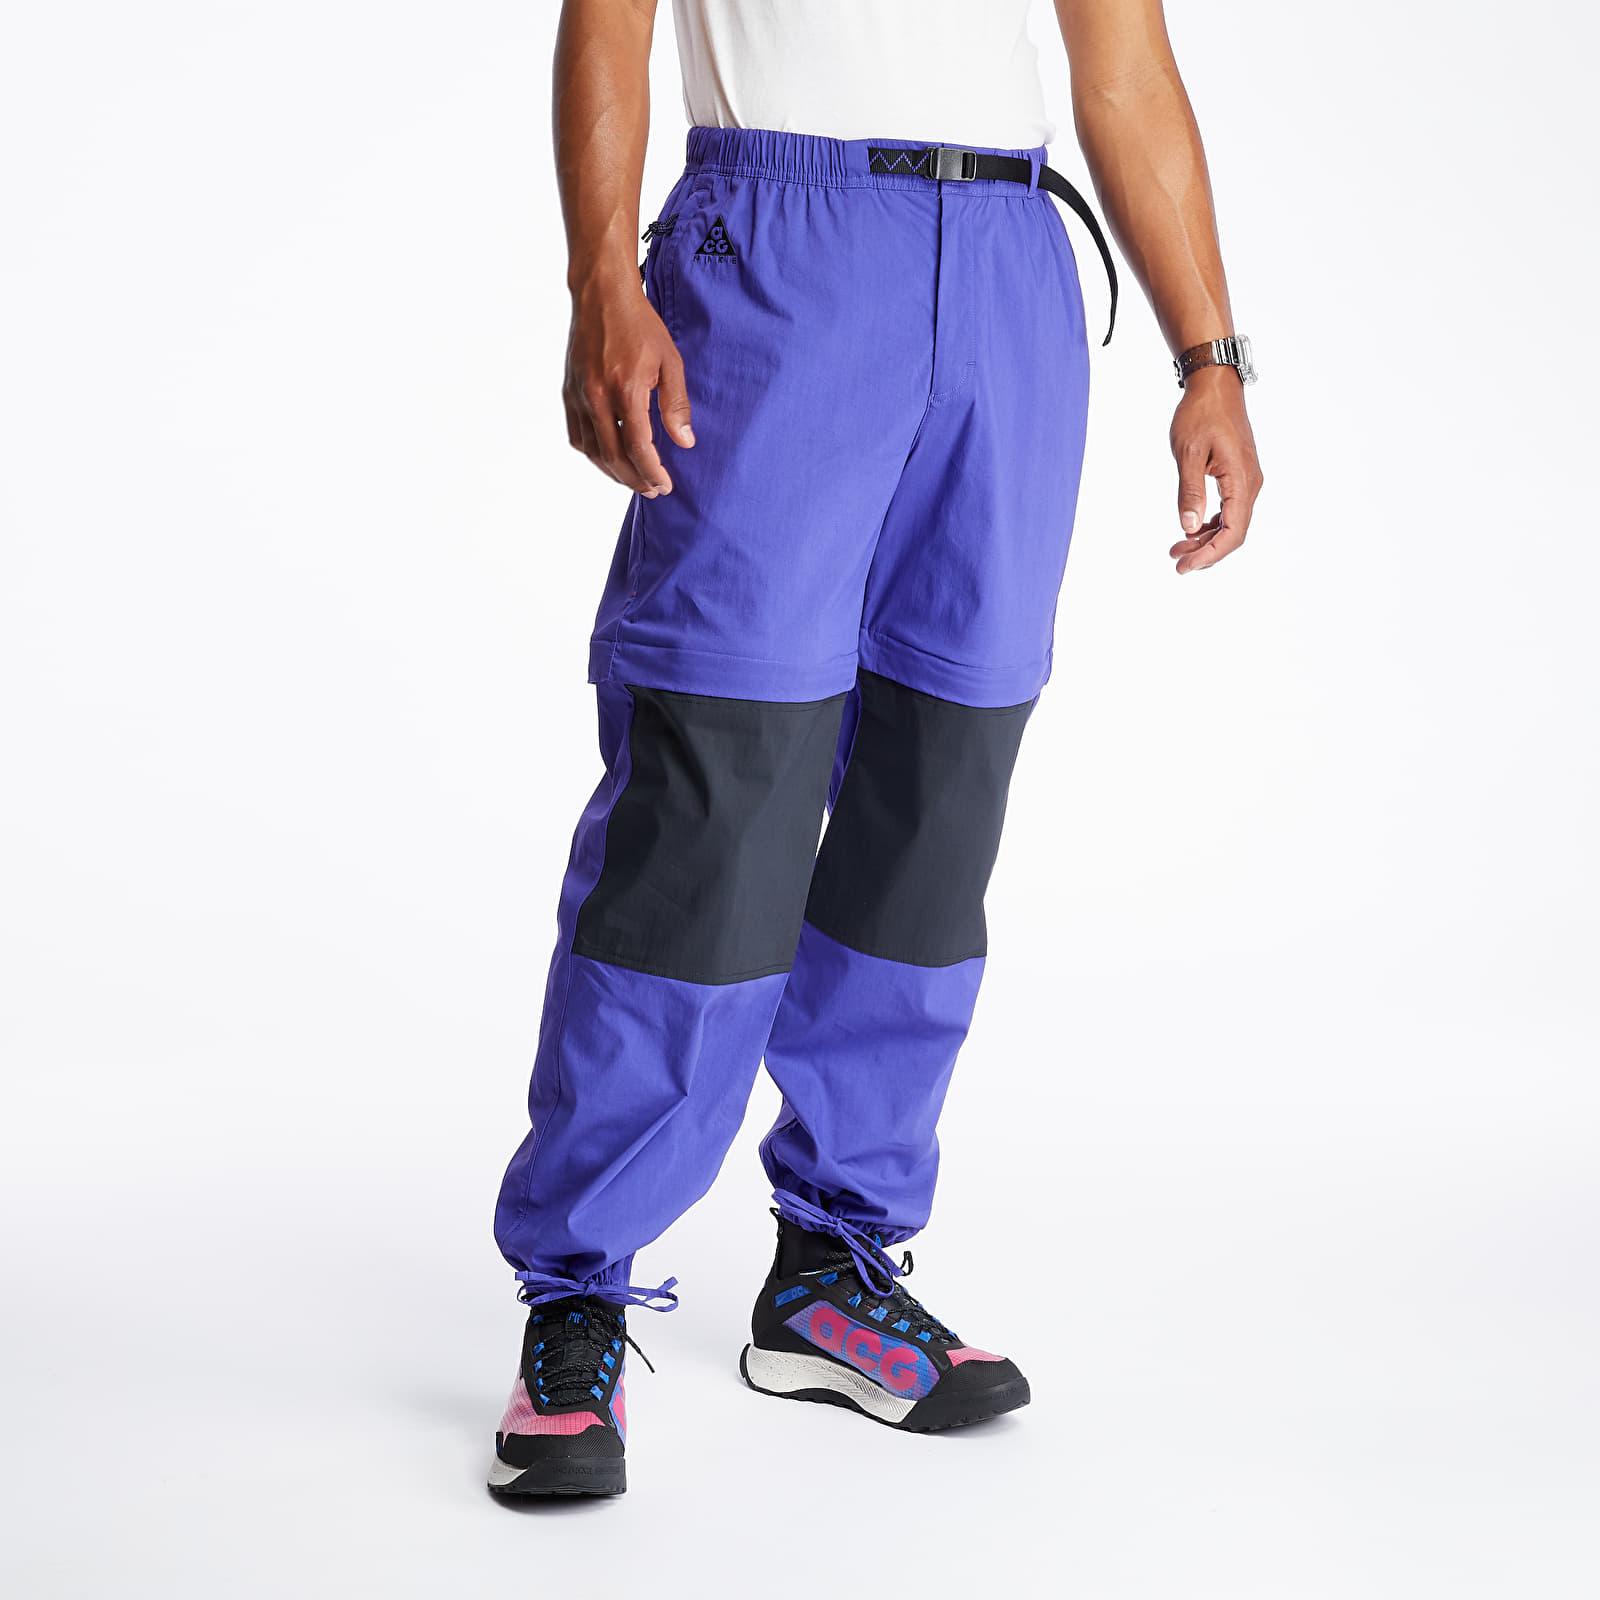 Nike NRG ACG Convertible Pants